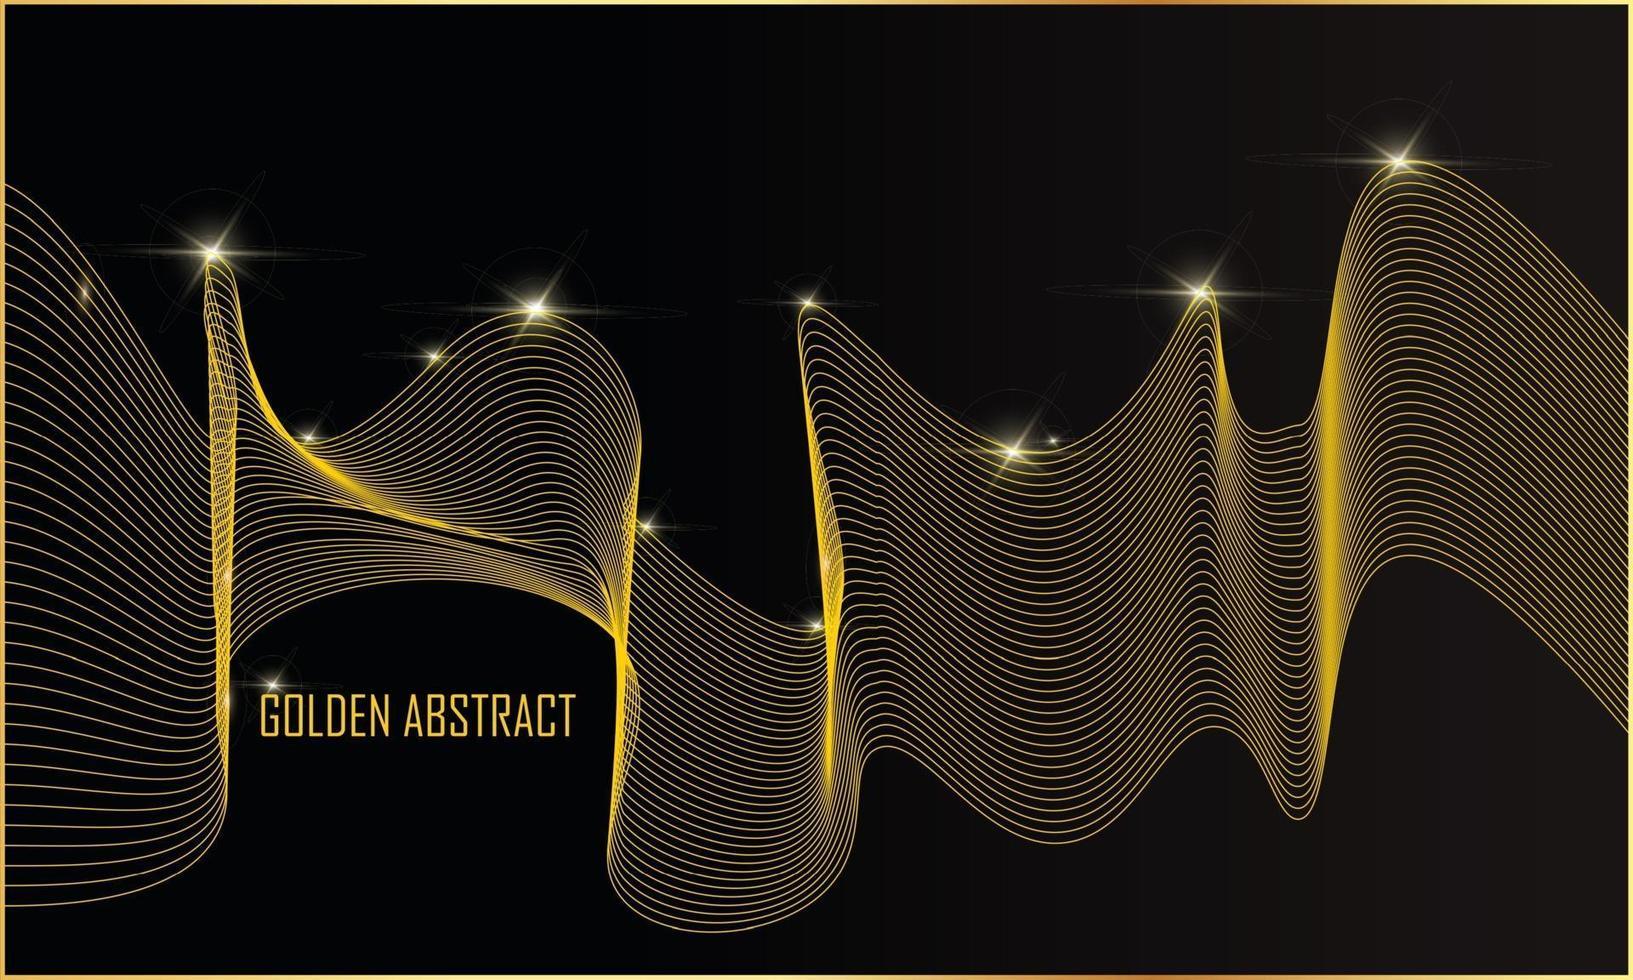 fond abstrait lignes dorées ondulées vecteur